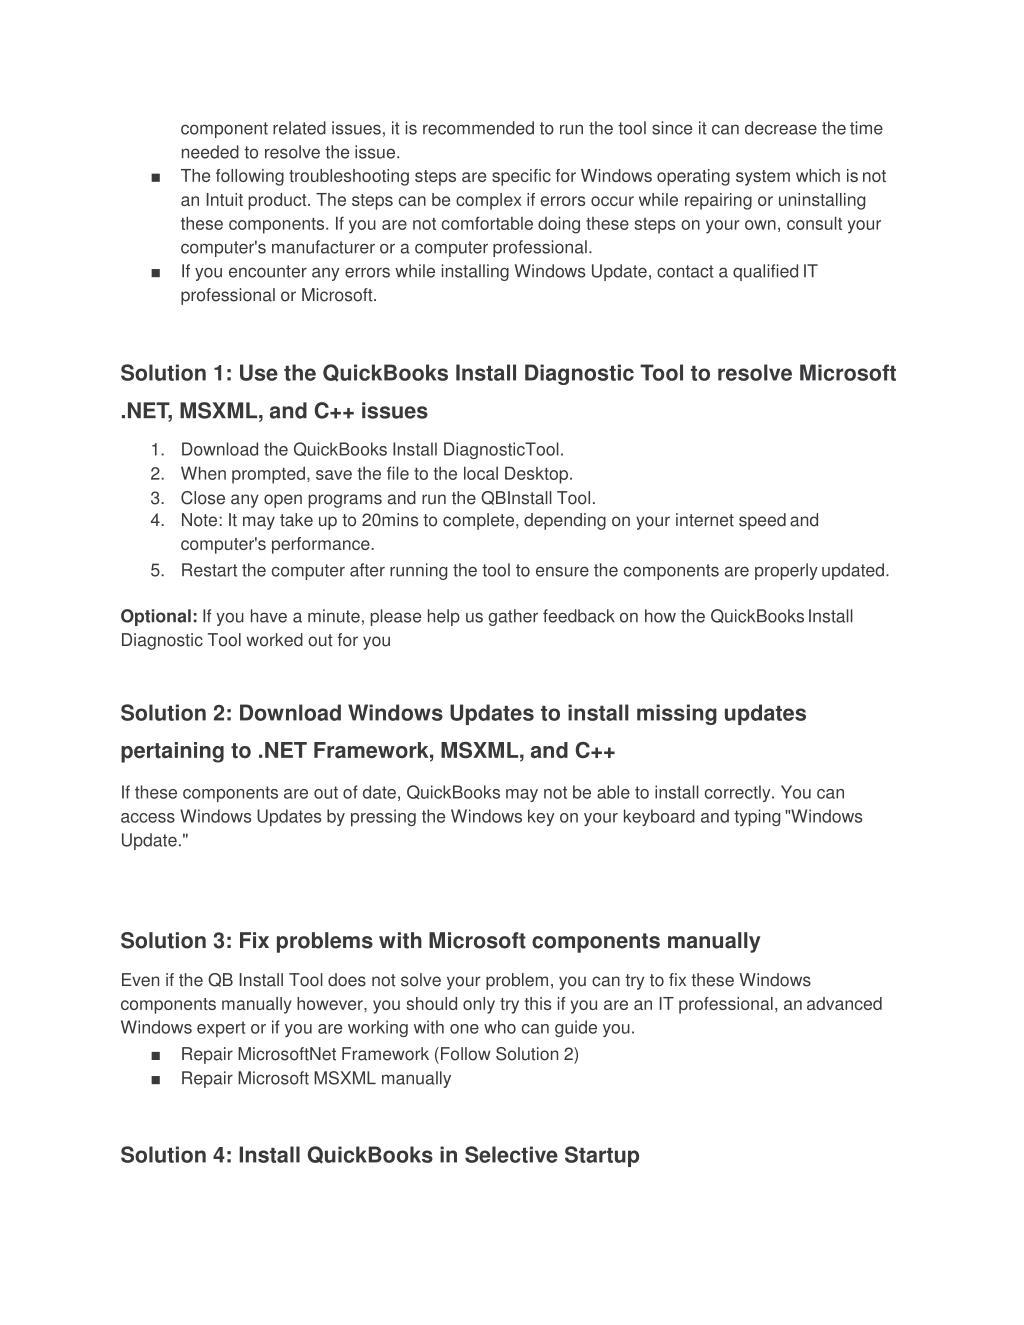 PPT - QuickBooks Software Installation Error Support 1855